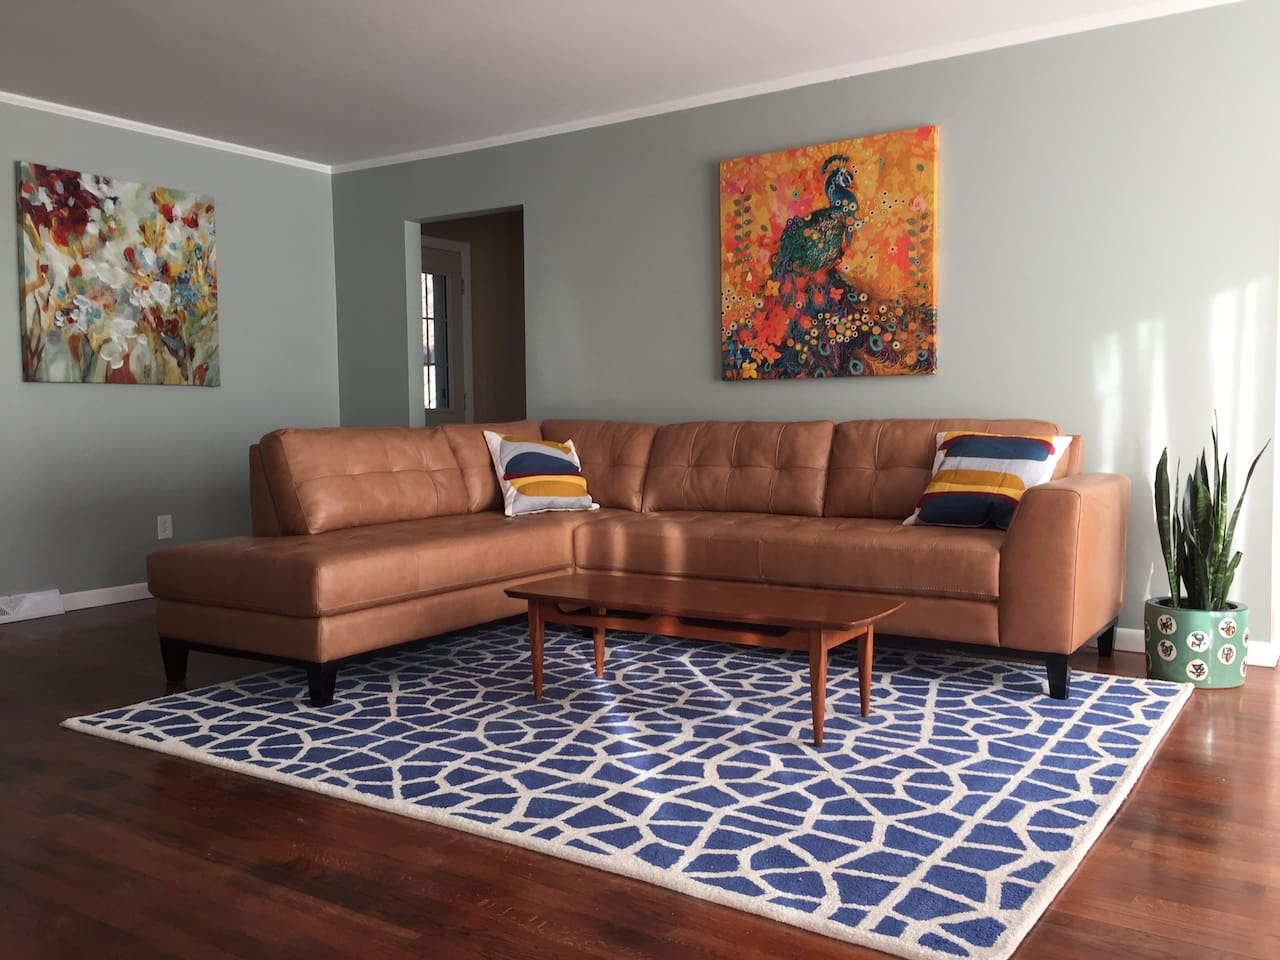 Living room facing a flat screen smart TV.